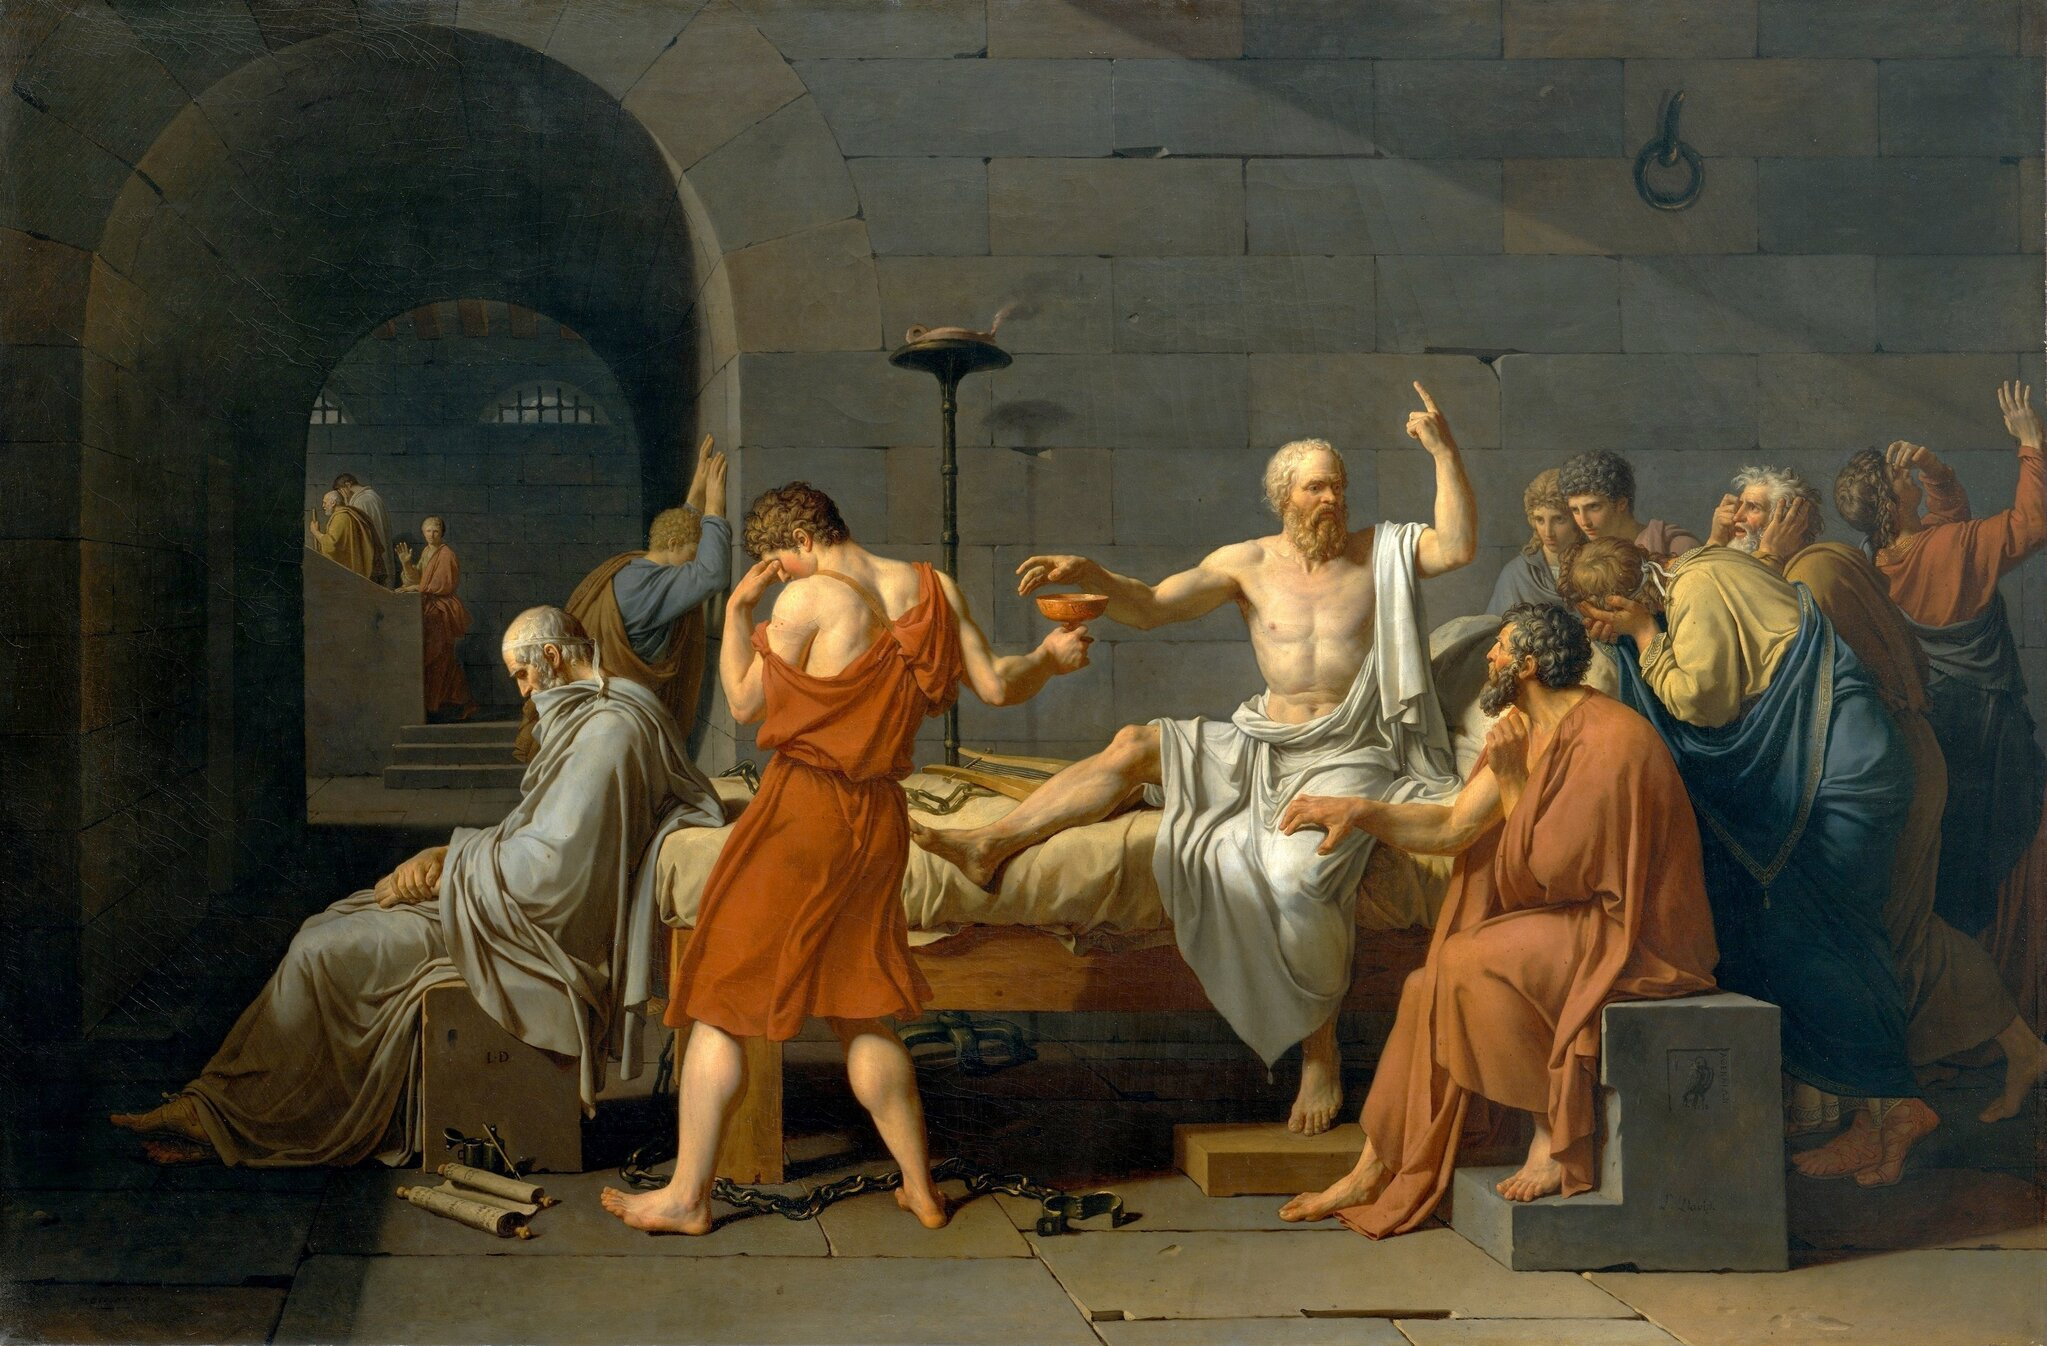 Śmierć Sokratesa Śmierć Sokratesa Źródło: Jacques-Louis David, 1787, olej na płótnie, domena publiczna.